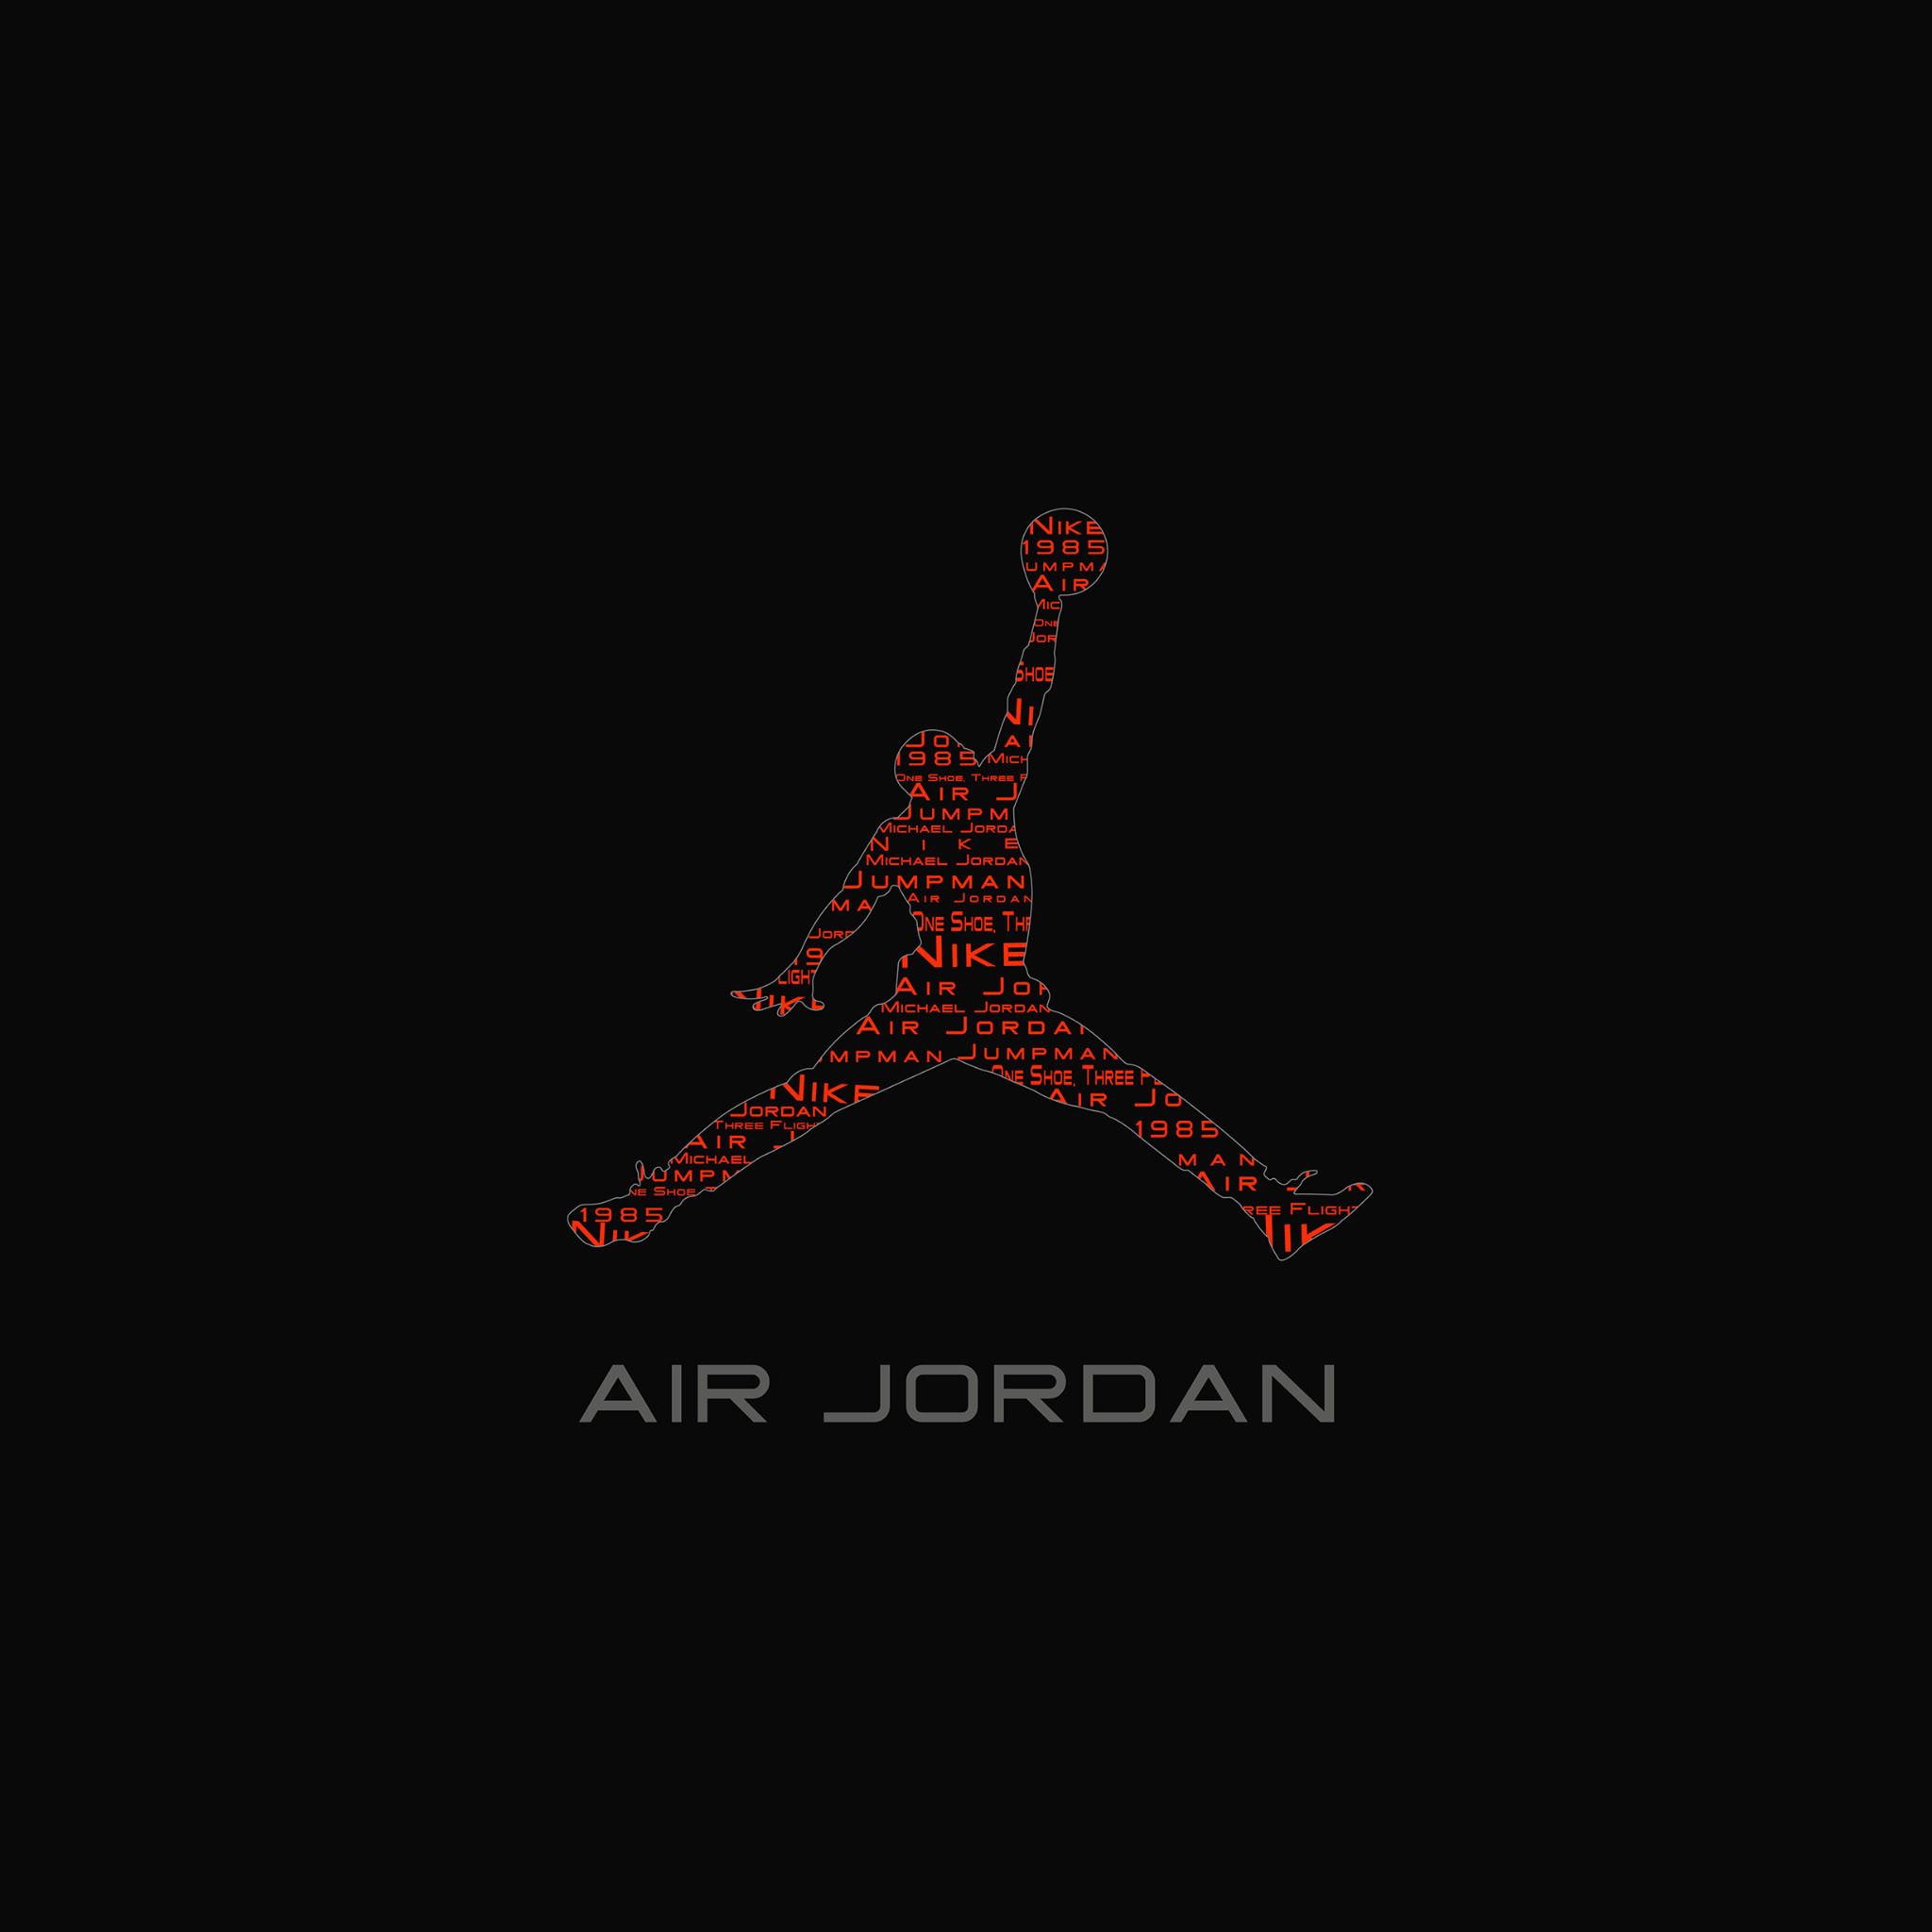 Jordan Wings Wallpaper (70+ Images